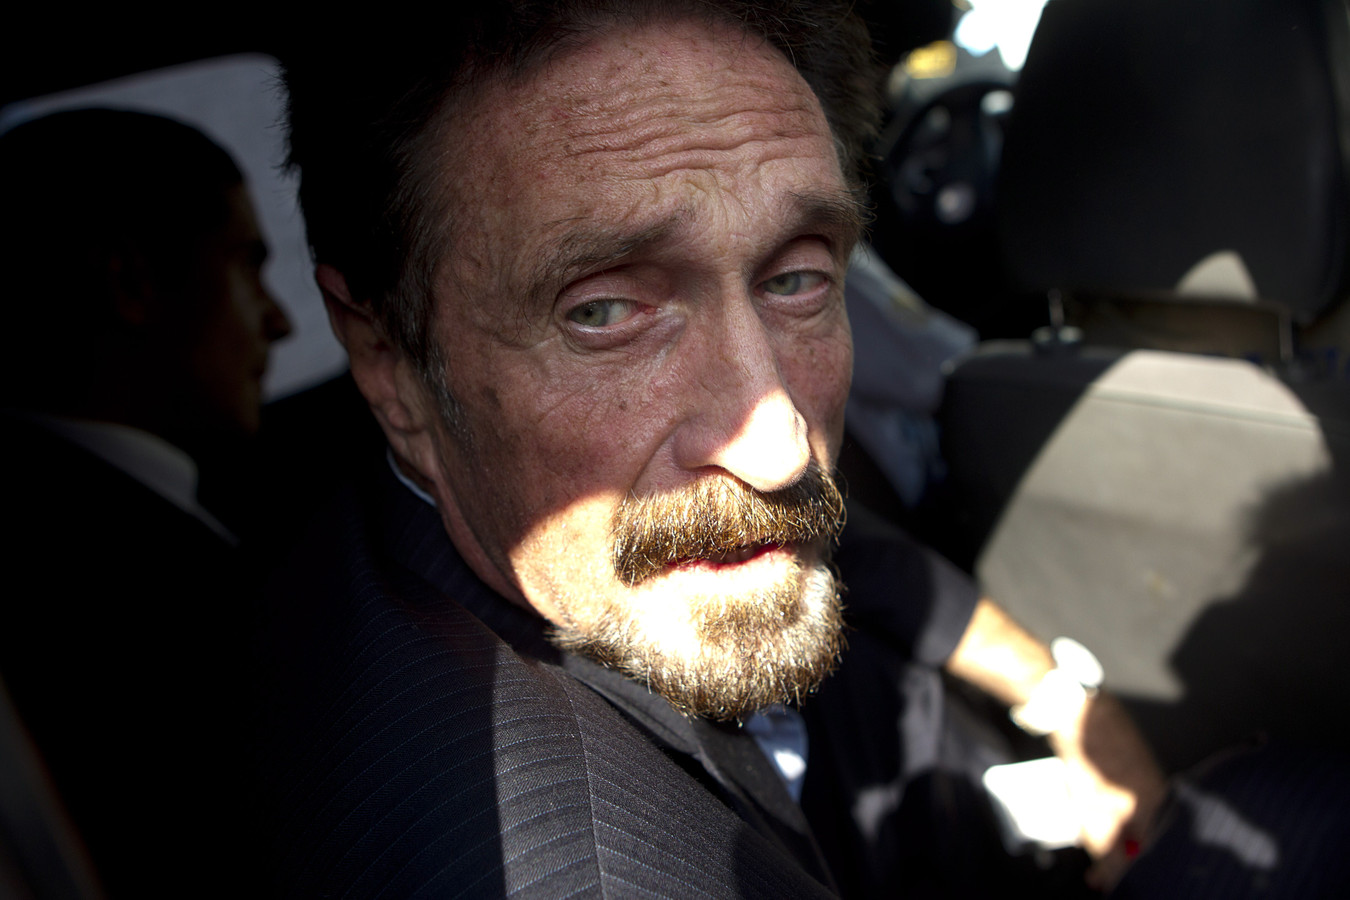 Devenu gourou des cryptomonnaies, John McAfee avait été arrêté en octobre 2020 à l'aéroport de Barcelone puis placé en détention provisoire.